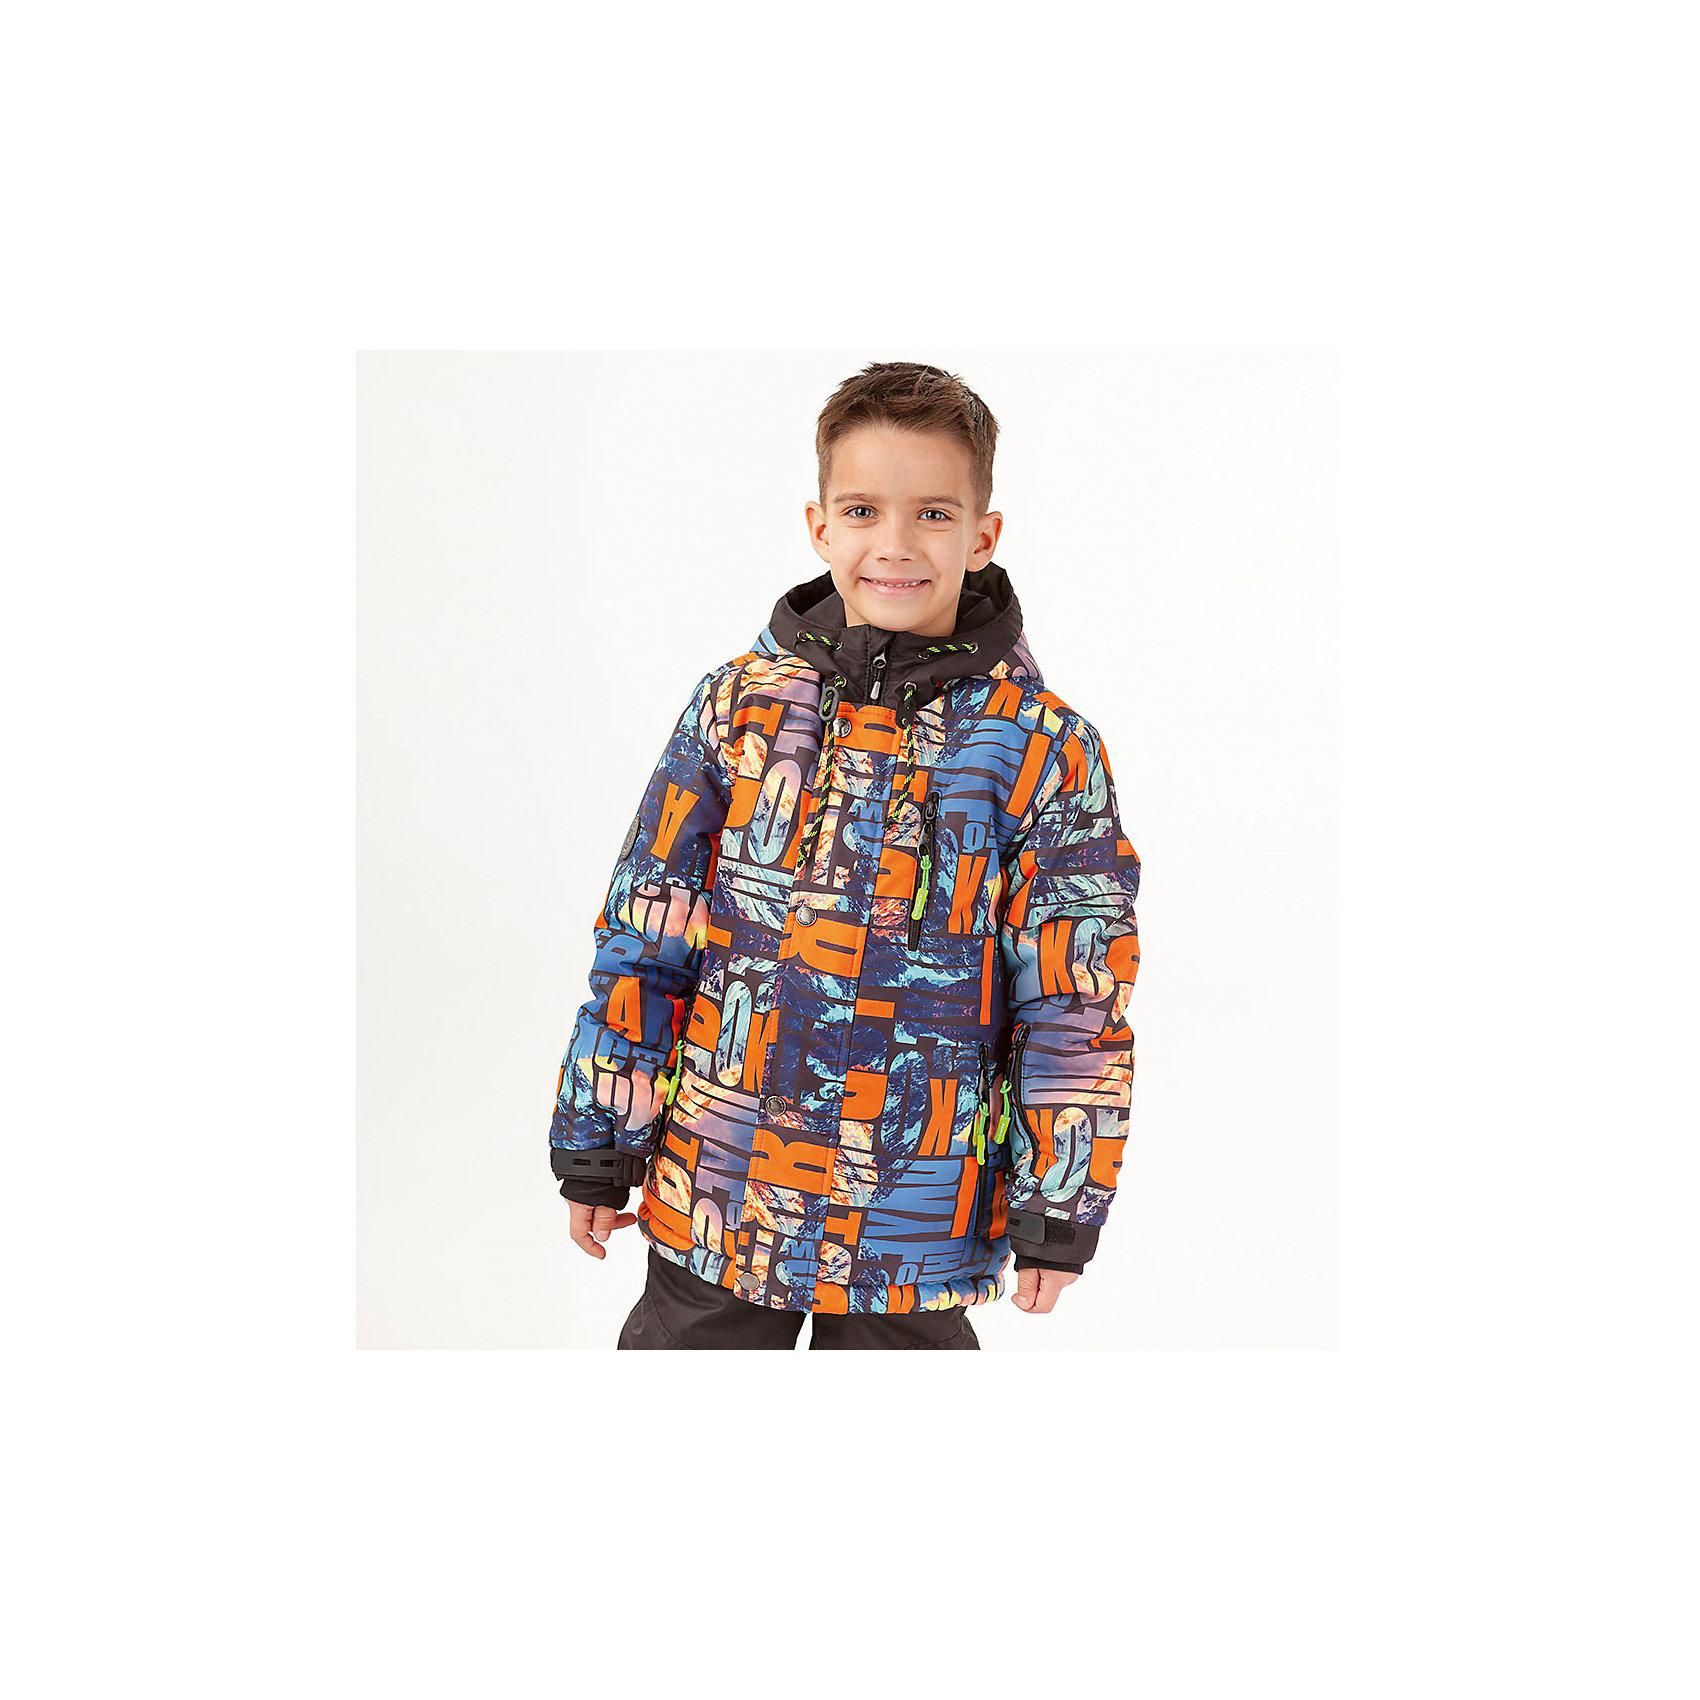 Комплект: куртка и полукомбенизон Коля Batik для мальчикаВерхняя одежда<br>Комплект: куртка и полукомбенизон Коля Batik для мальчика<br>Верхняя ткань обладает водоотталкивающими и ветрозащитными свойствами мембраны. Полукомбинезон с отстегивающимися лямками. Куртка на молнии с ветрозащитной планкой и юбкой внутри, светоотражающими элементами и капюшон на молнии.<br>Состав:<br>Ткань верха - TASLON OXFORD;  Утеплитель - Слайтекс 300;  Подкладка - Полар флис;<br><br>Ширина мм: 356<br>Глубина мм: 10<br>Высота мм: 245<br>Вес г: 519<br>Цвет: оранжевый<br>Возраст от месяцев: 144<br>Возраст до месяцев: 156<br>Пол: Мужской<br>Возраст: Детский<br>Размер: 158,146,152<br>SKU: 7028401